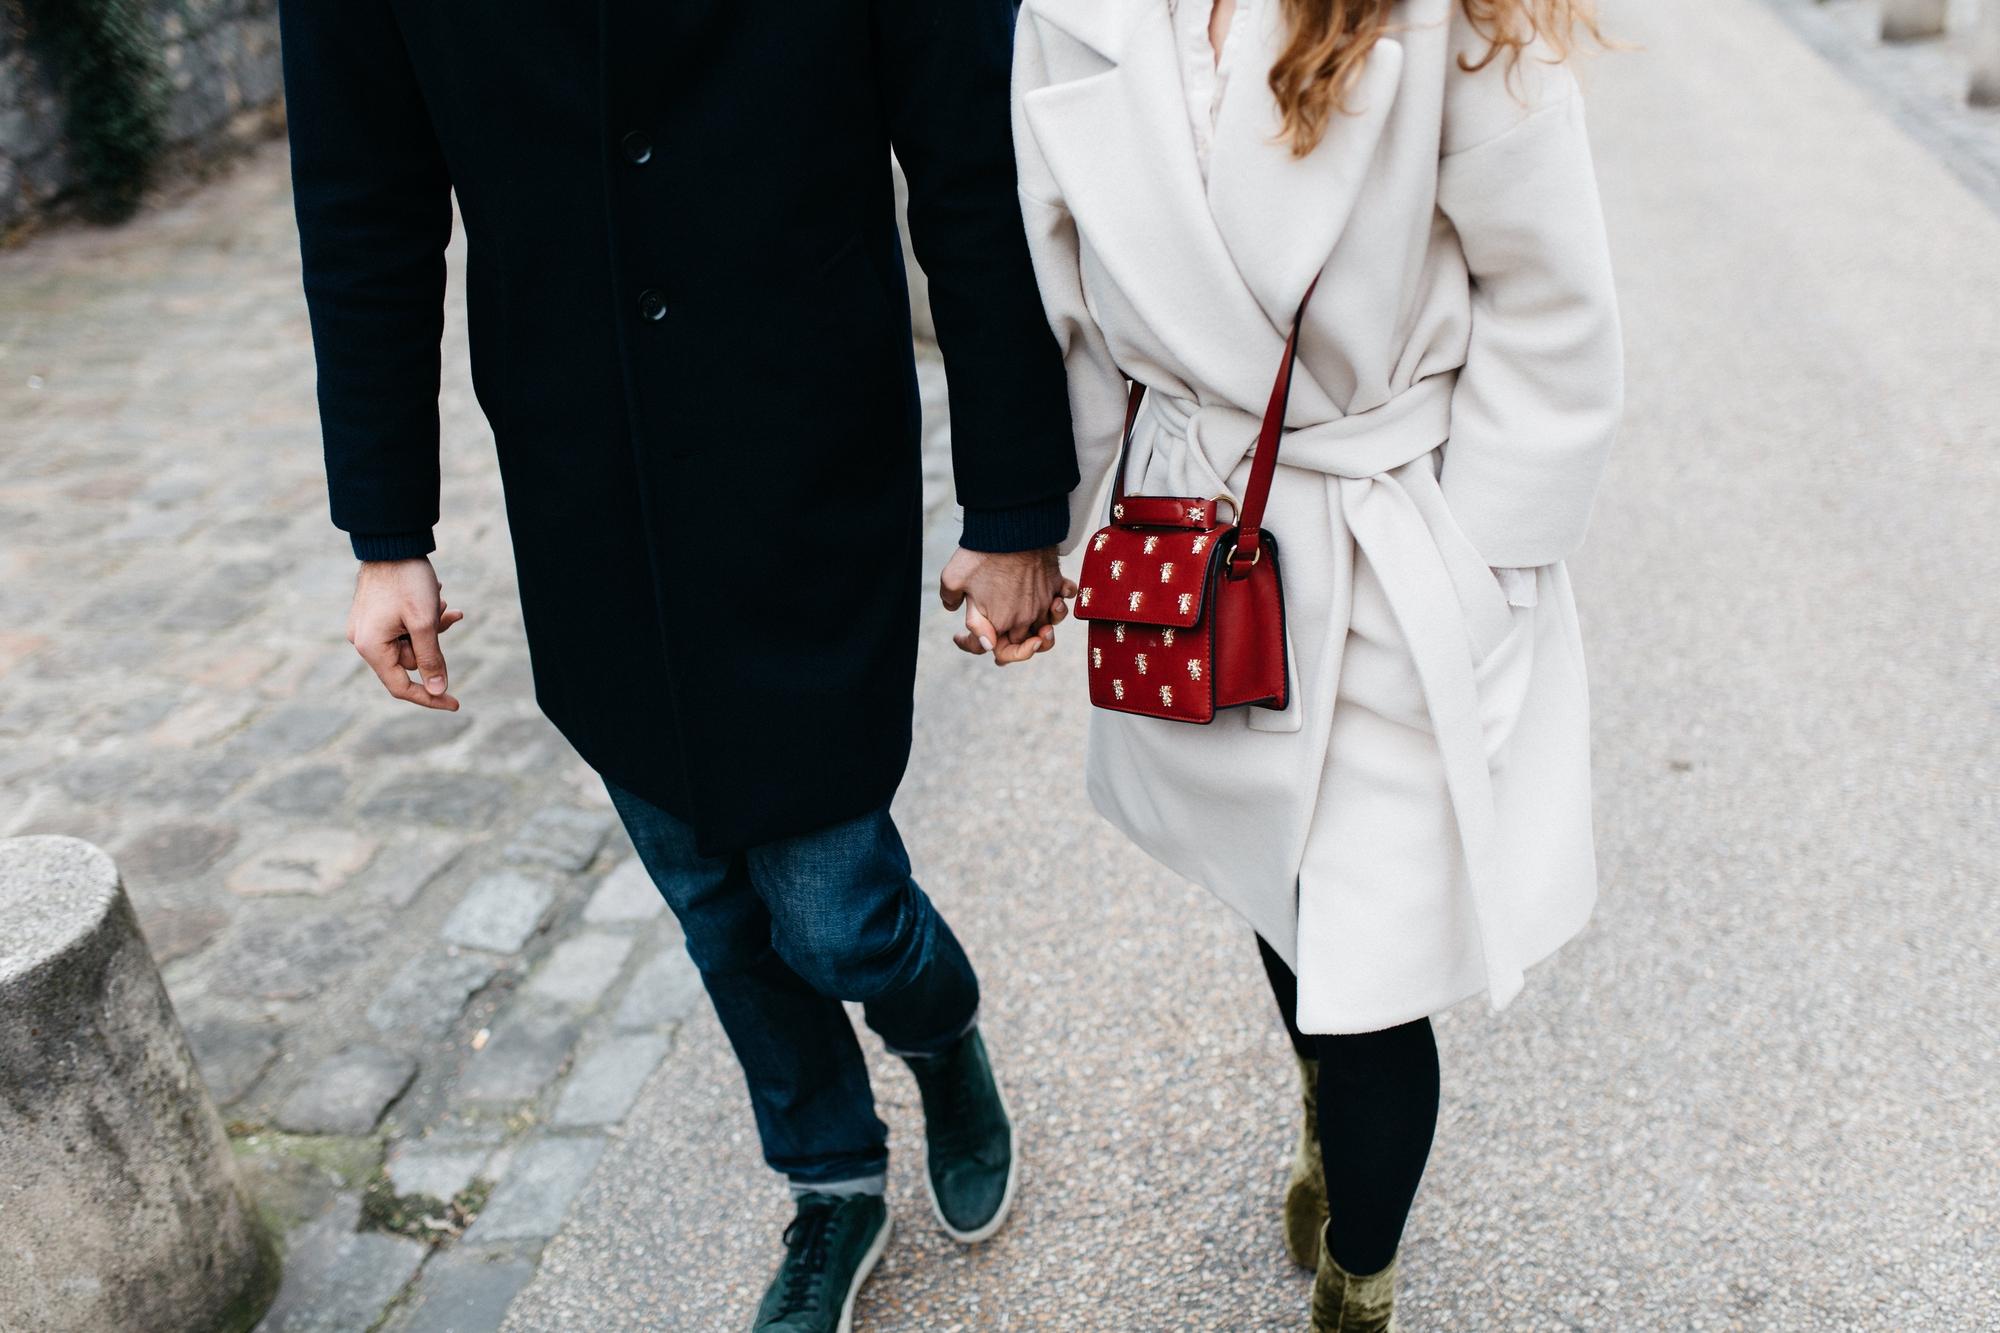 Chuyện tình yêu chỉ là chuyện của hai người, cho nên yêu nhau càng ồn ào càng dễ chia tay - Ảnh 2.